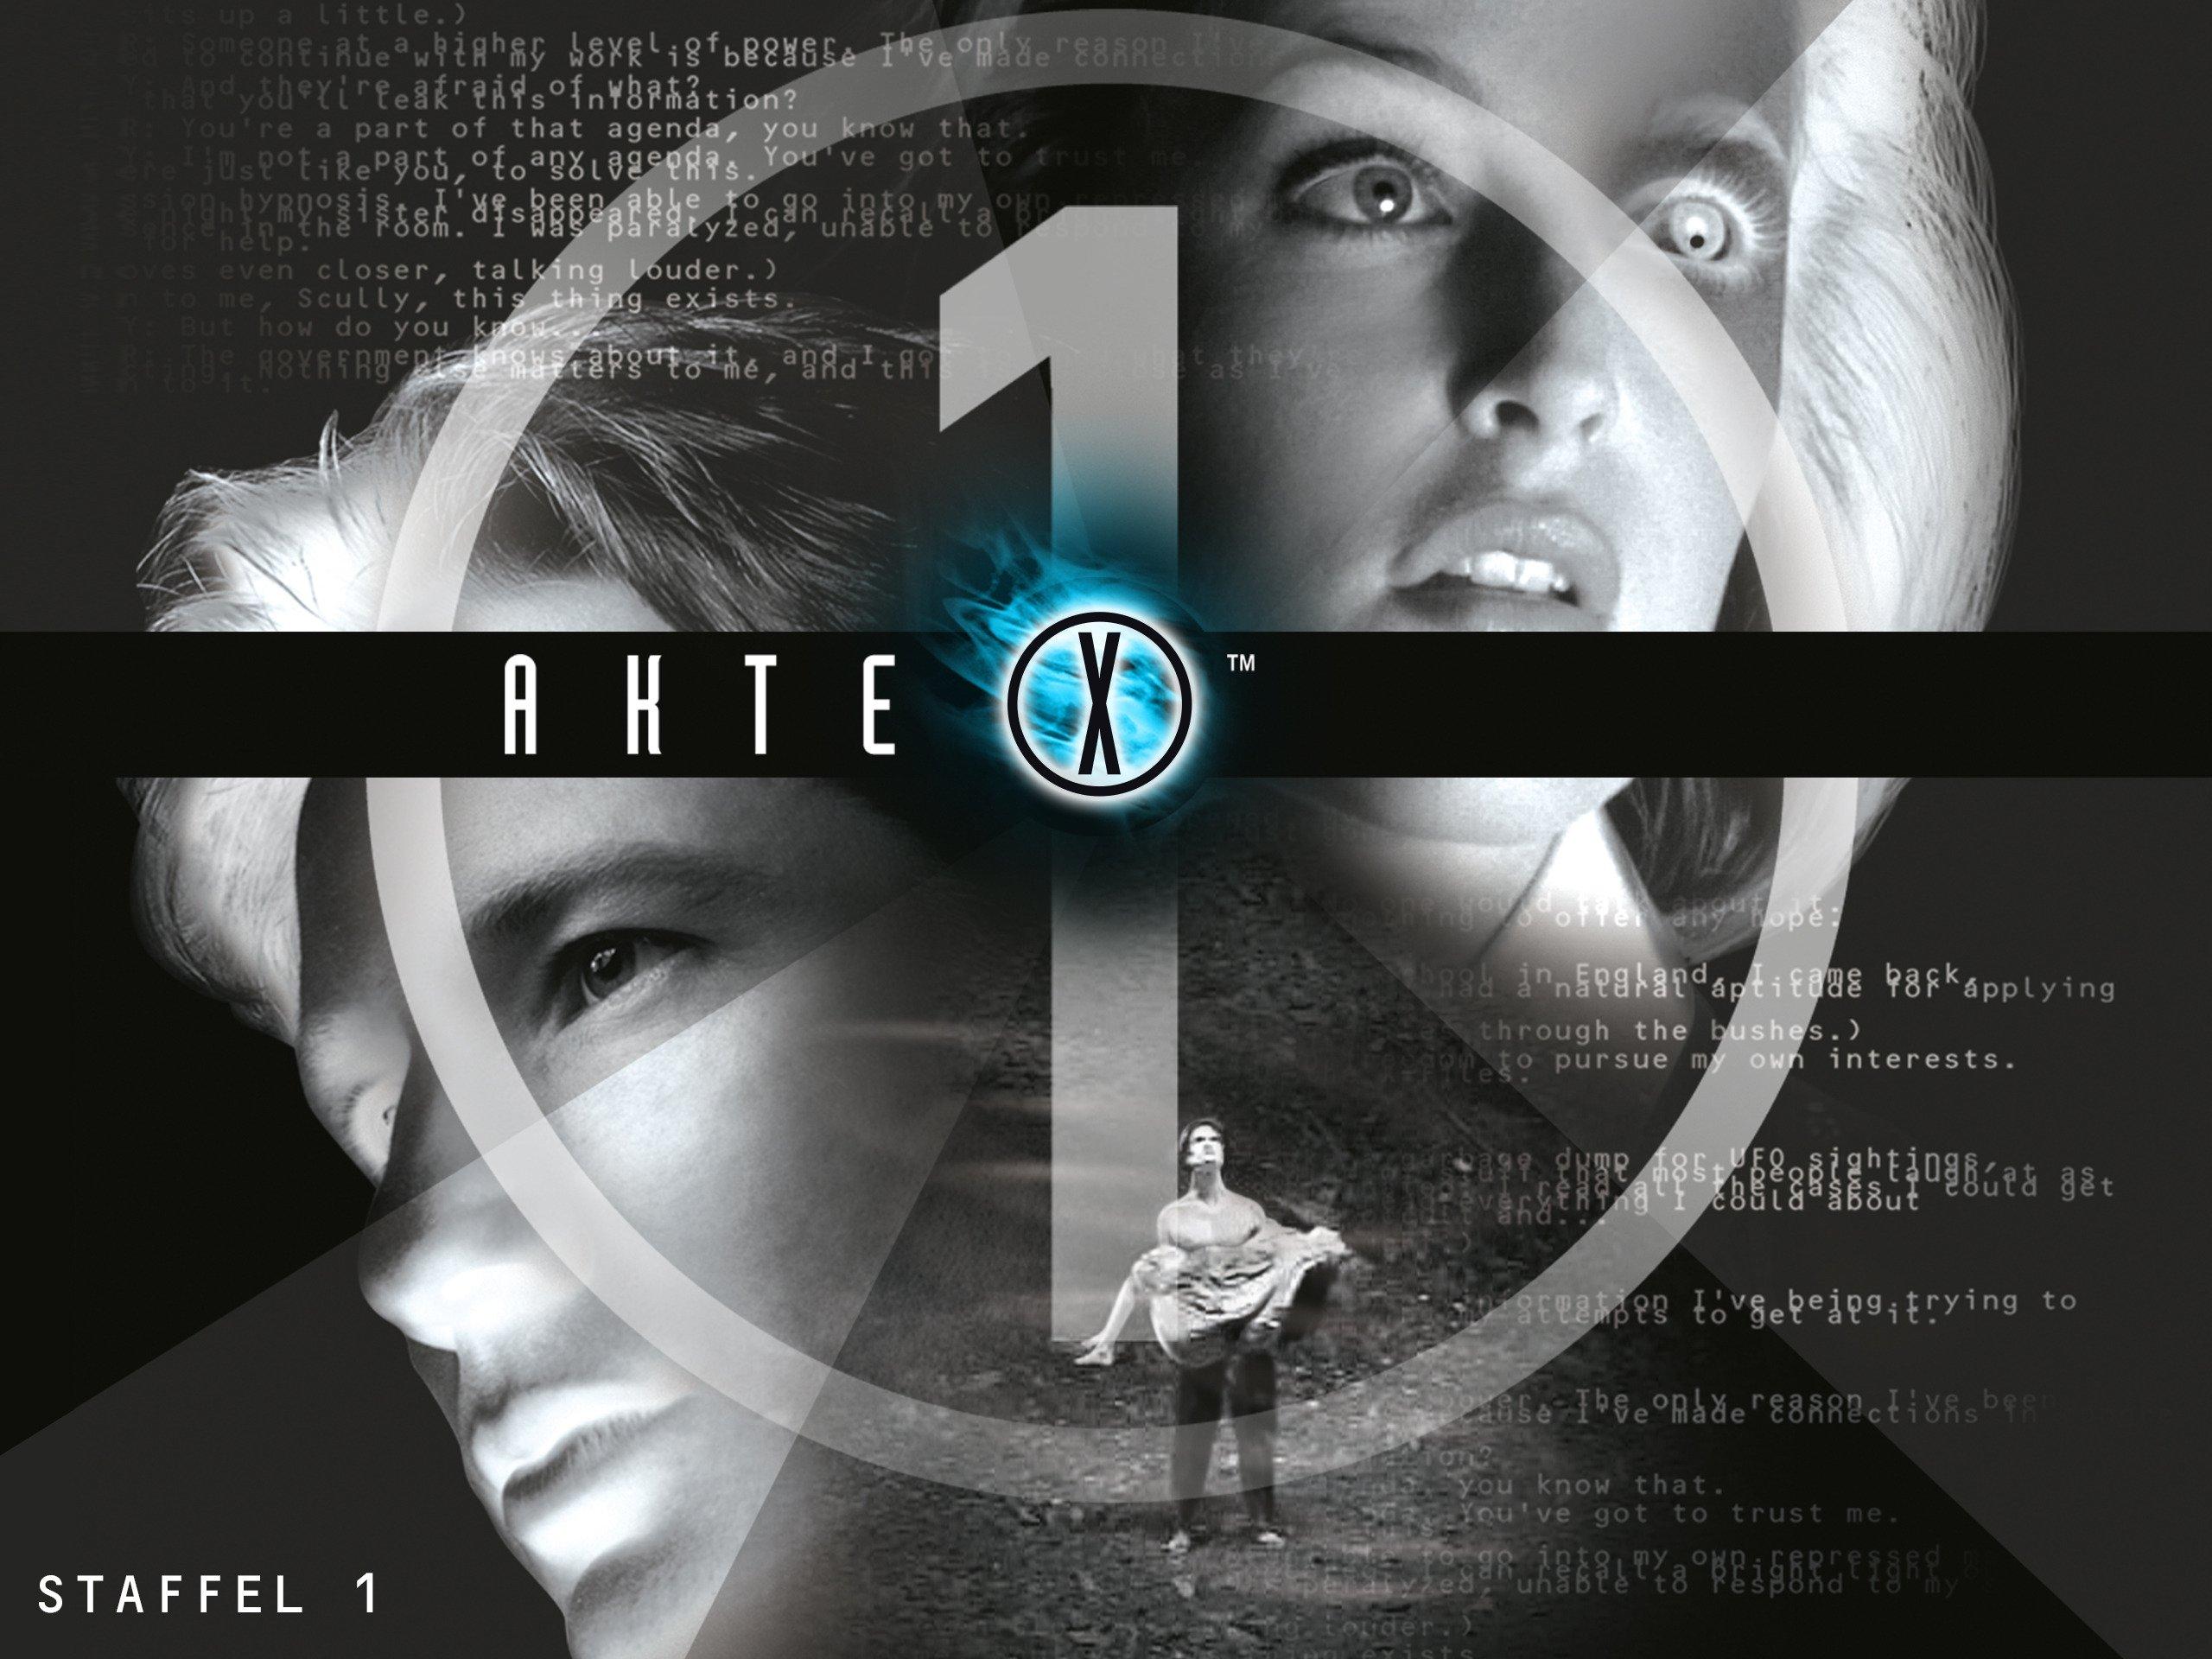 Akte X - Staffel 1 online schauen und streamen bei Amazon Instant ...